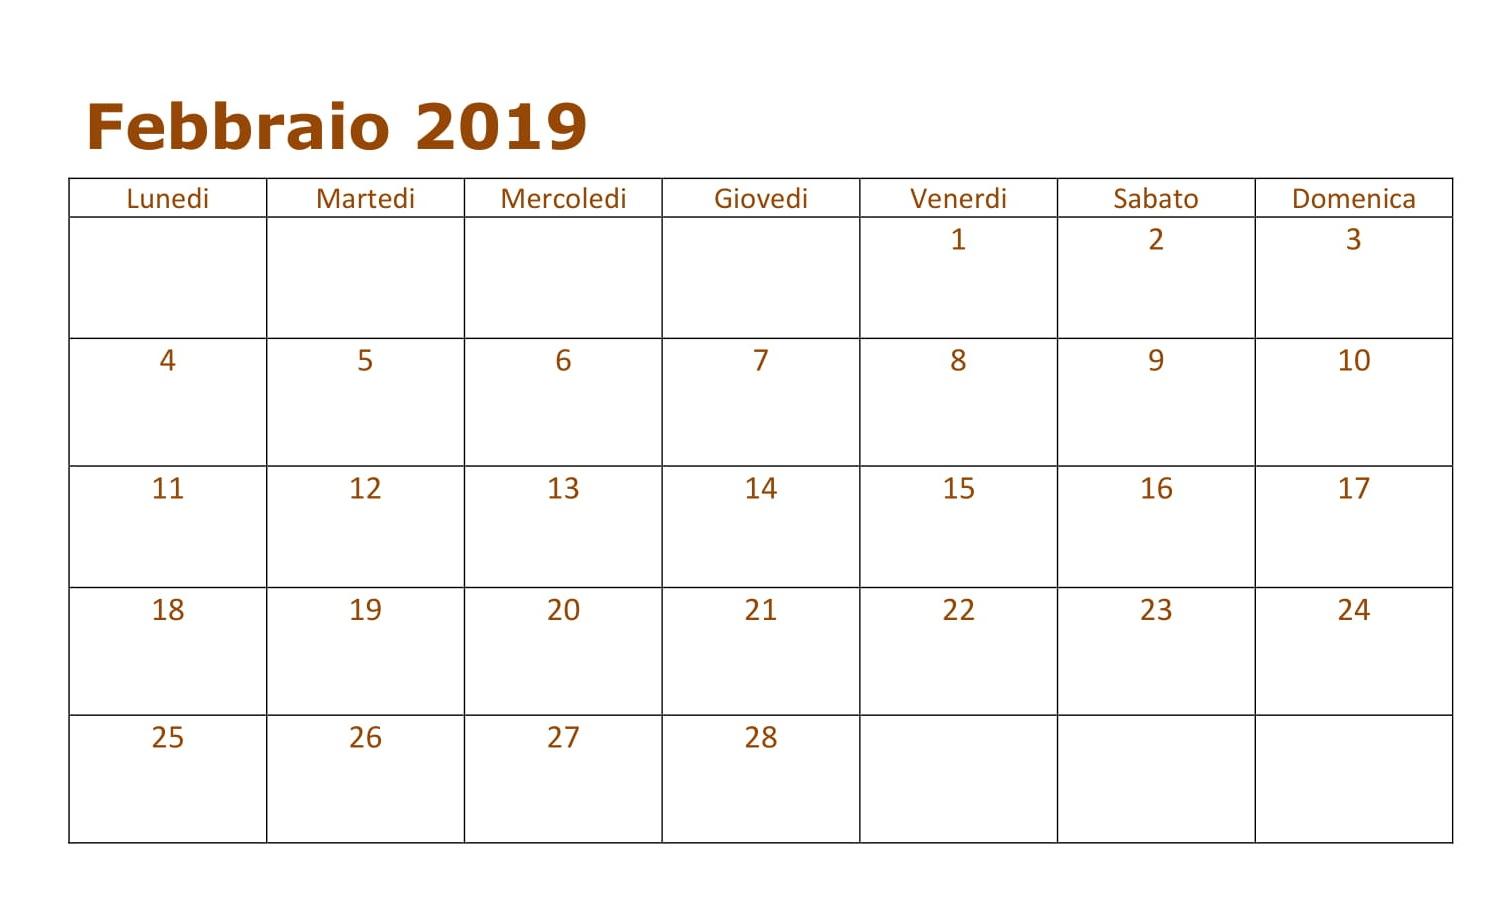 Febbraio 2019 Calendario Professional